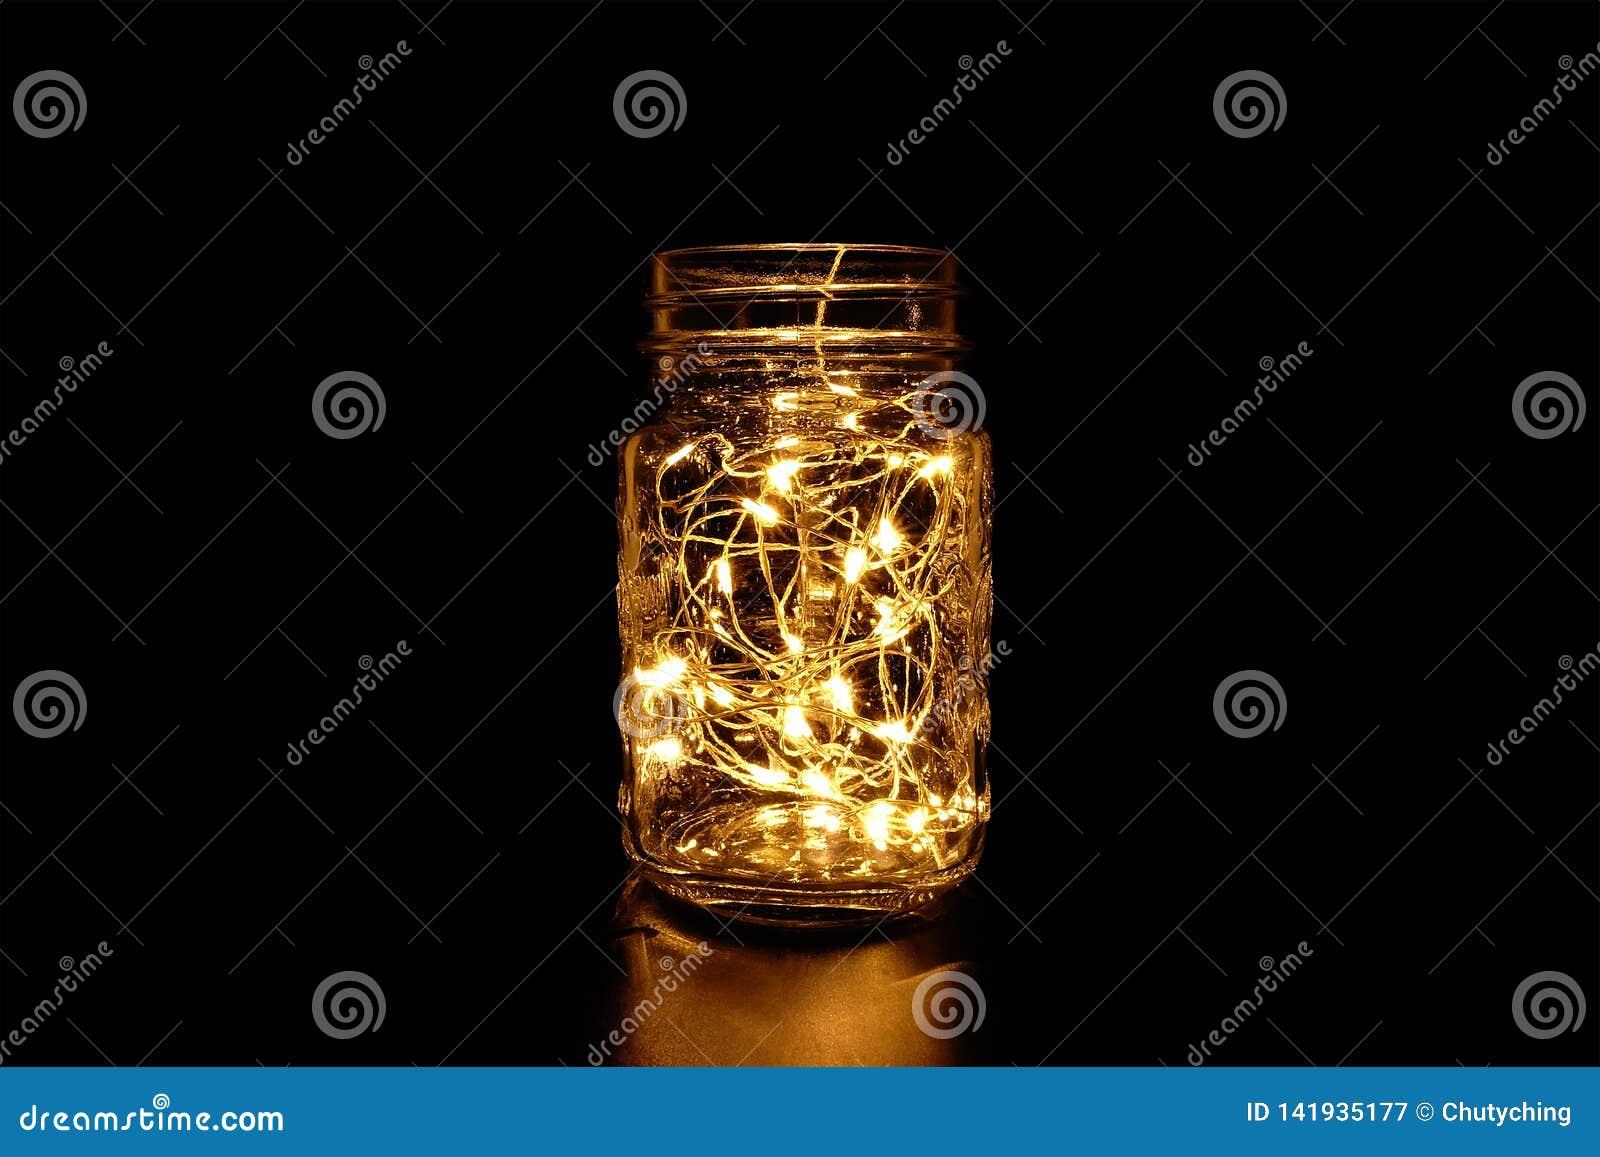 Yellow Fairy Light in Mason Jar.